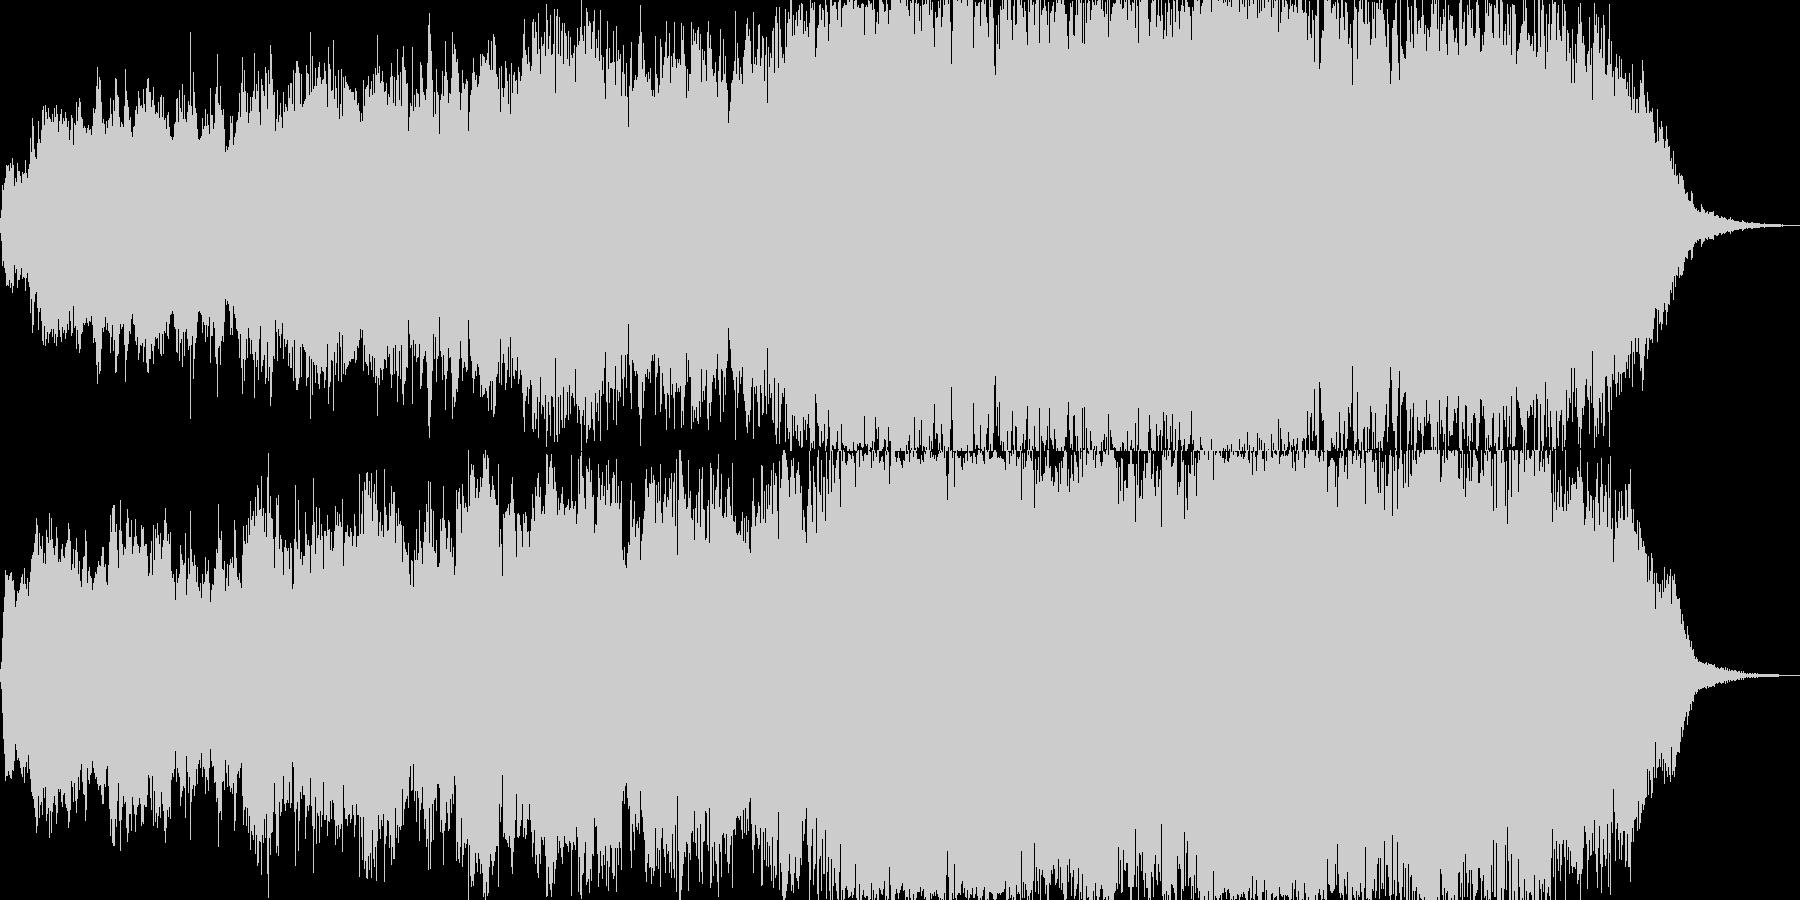 エピックドラマチックな予告編音楽の未再生の波形